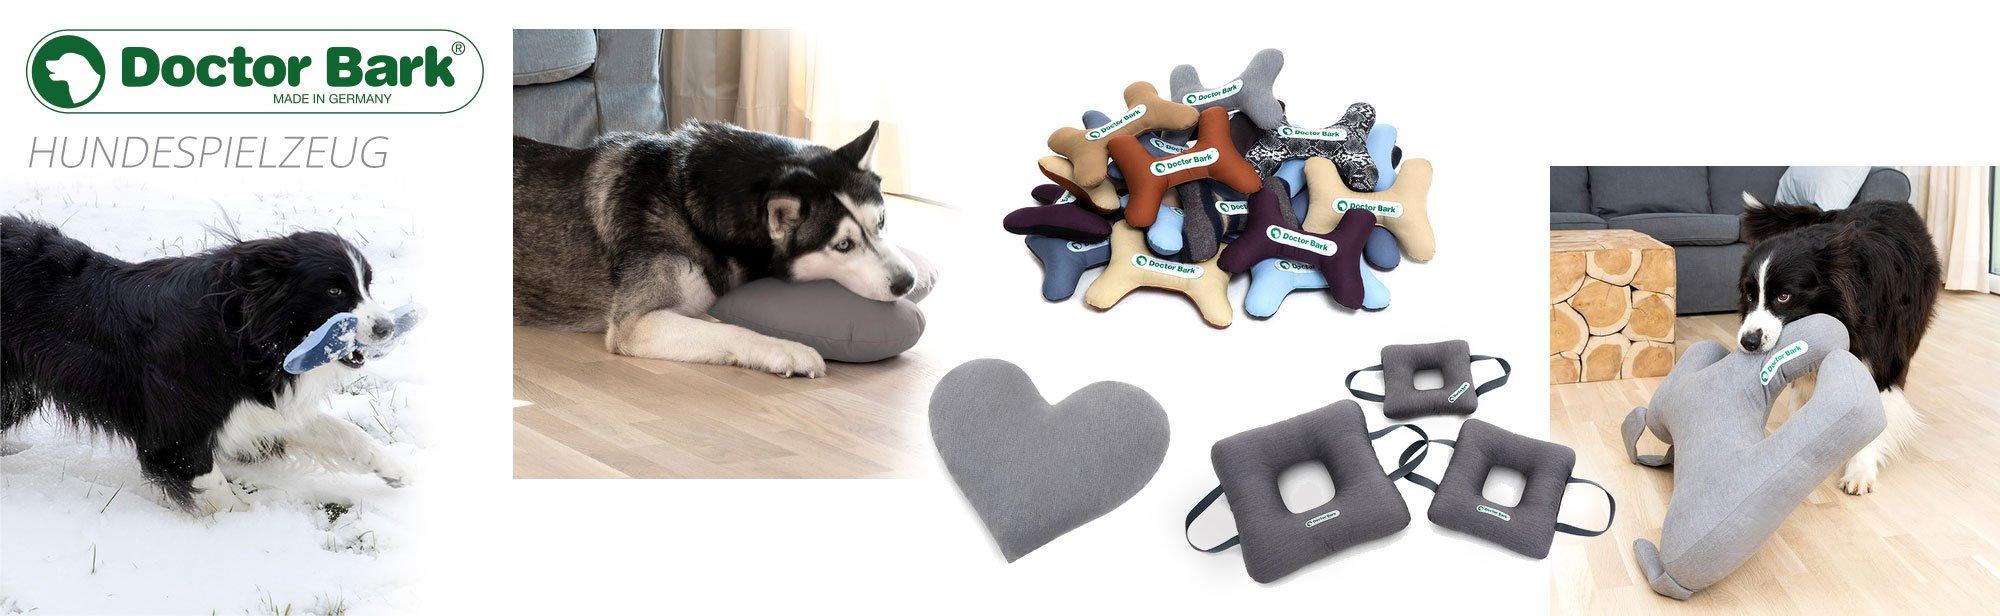 Doctor Bark Hundespielzeug